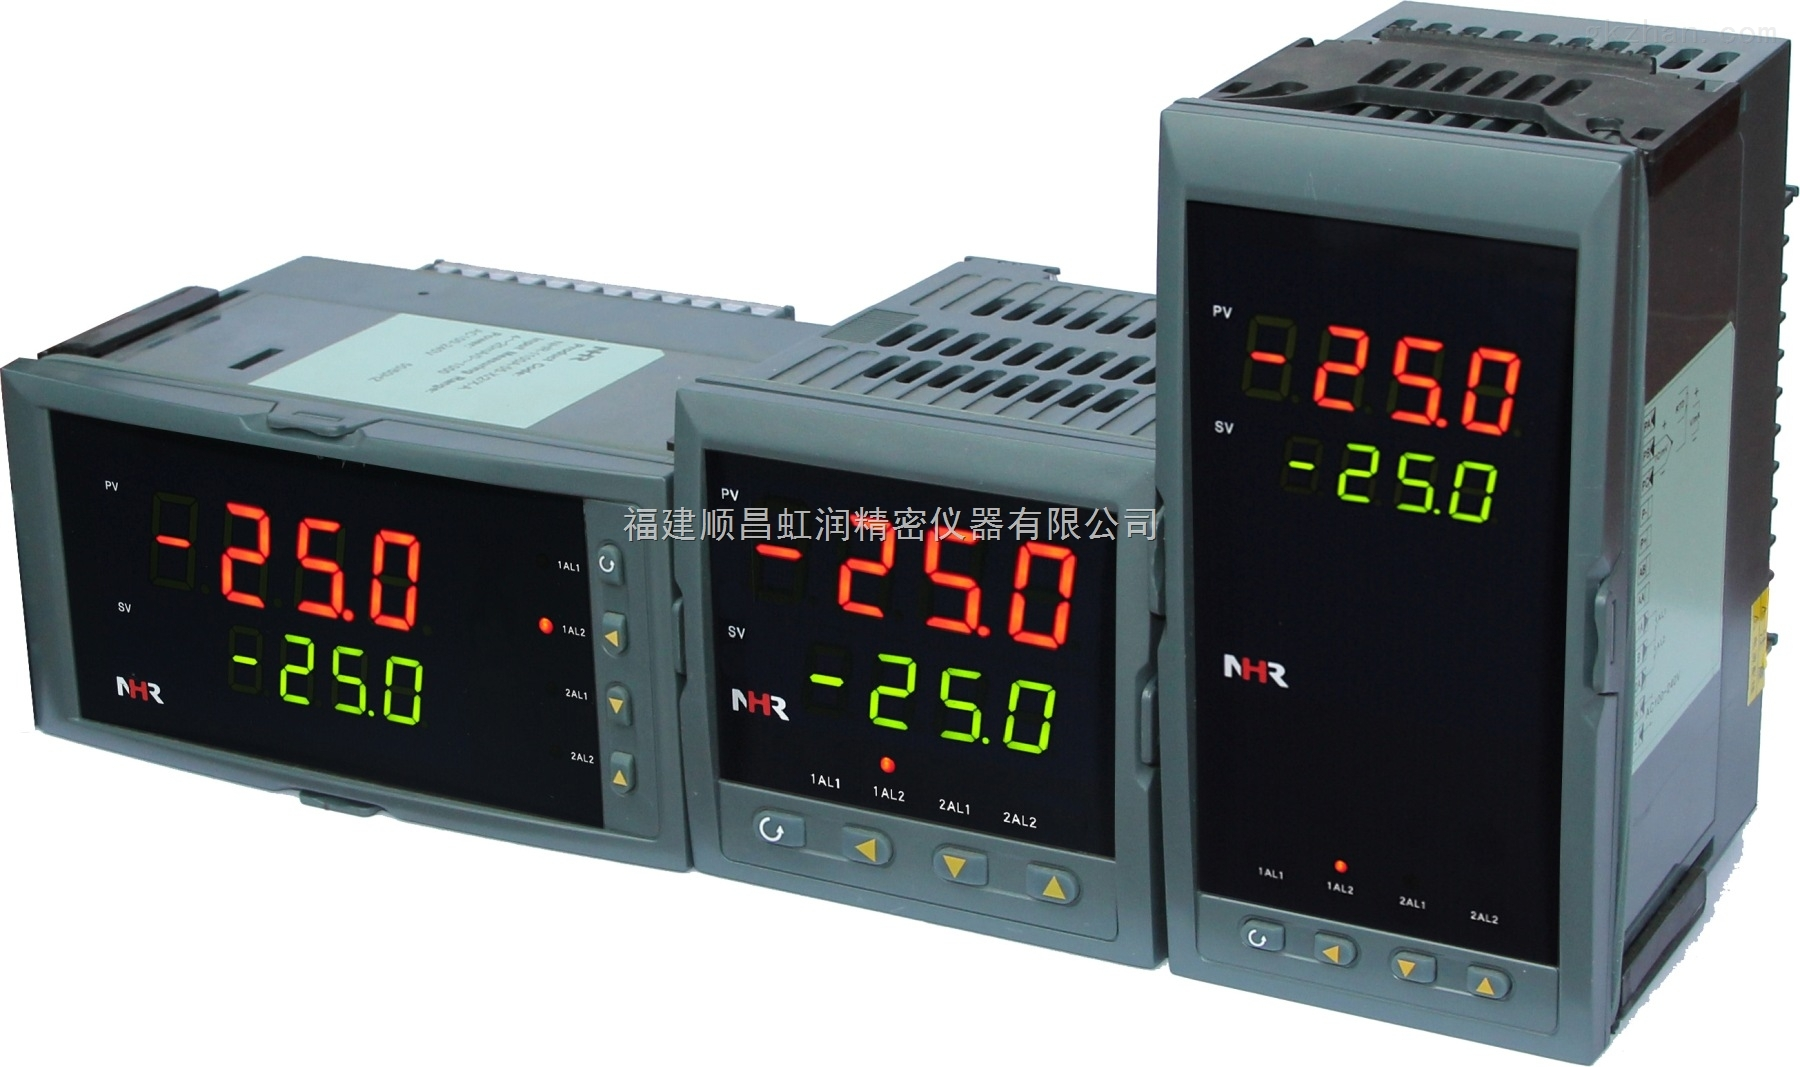 虹润NHR-5620系列-数字显示容积仪